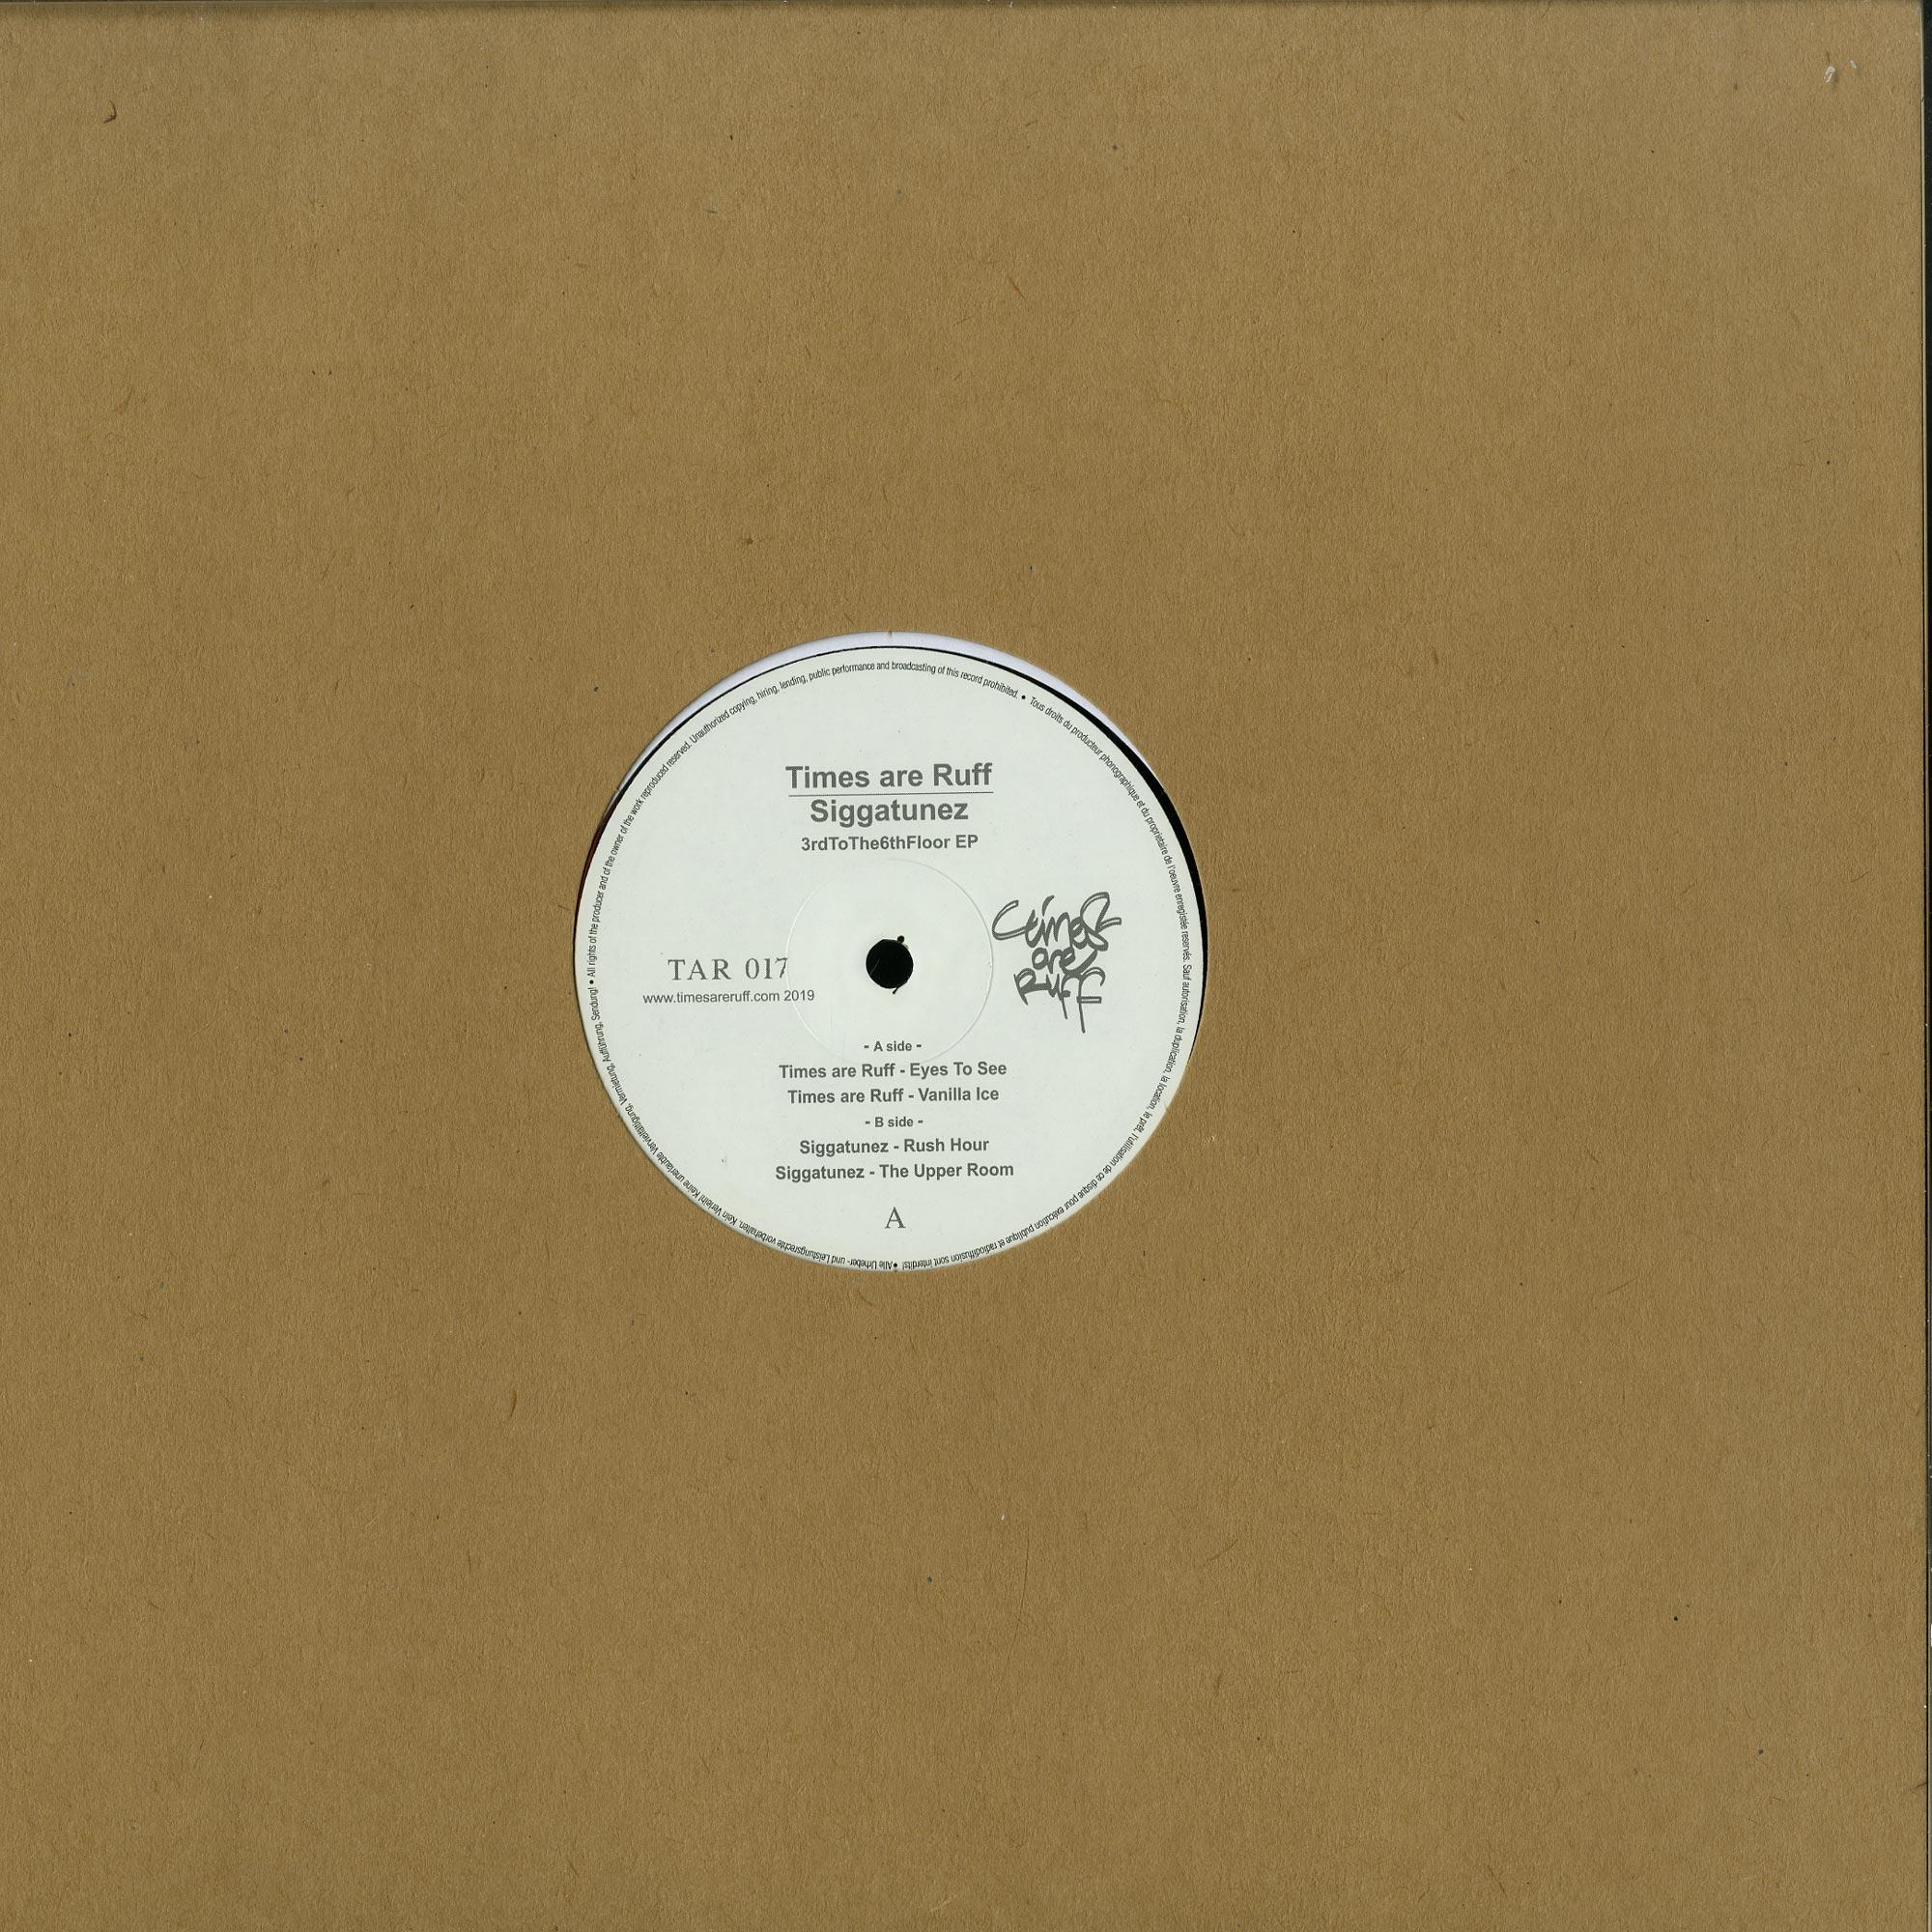 Times Are Ruff & Siggatunez - 3RDTOTHE6THFLOOR EP